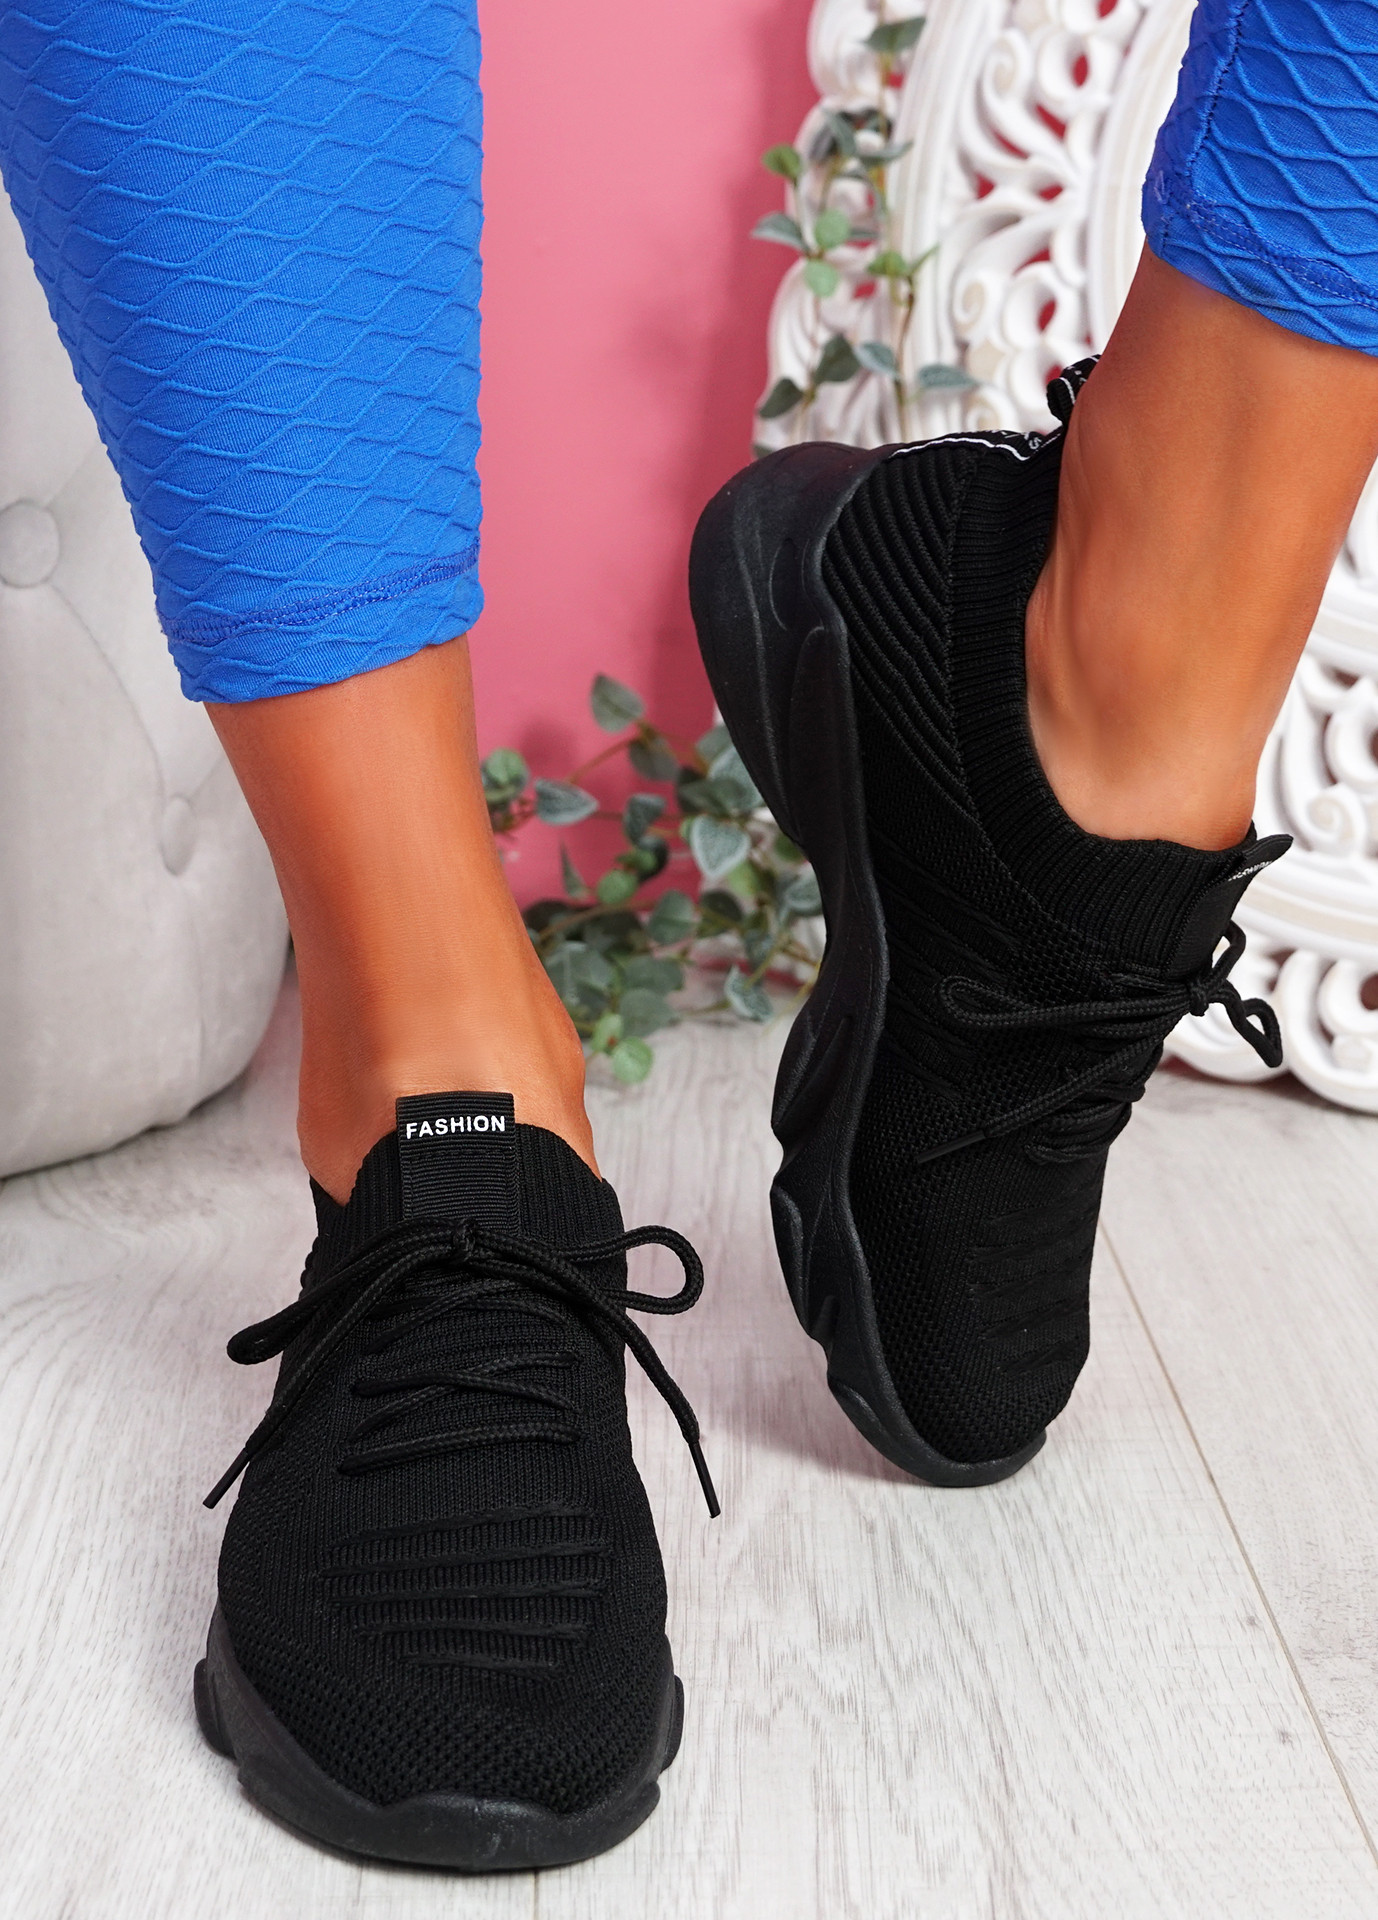 Elen Black Chunky Knit Sneakers